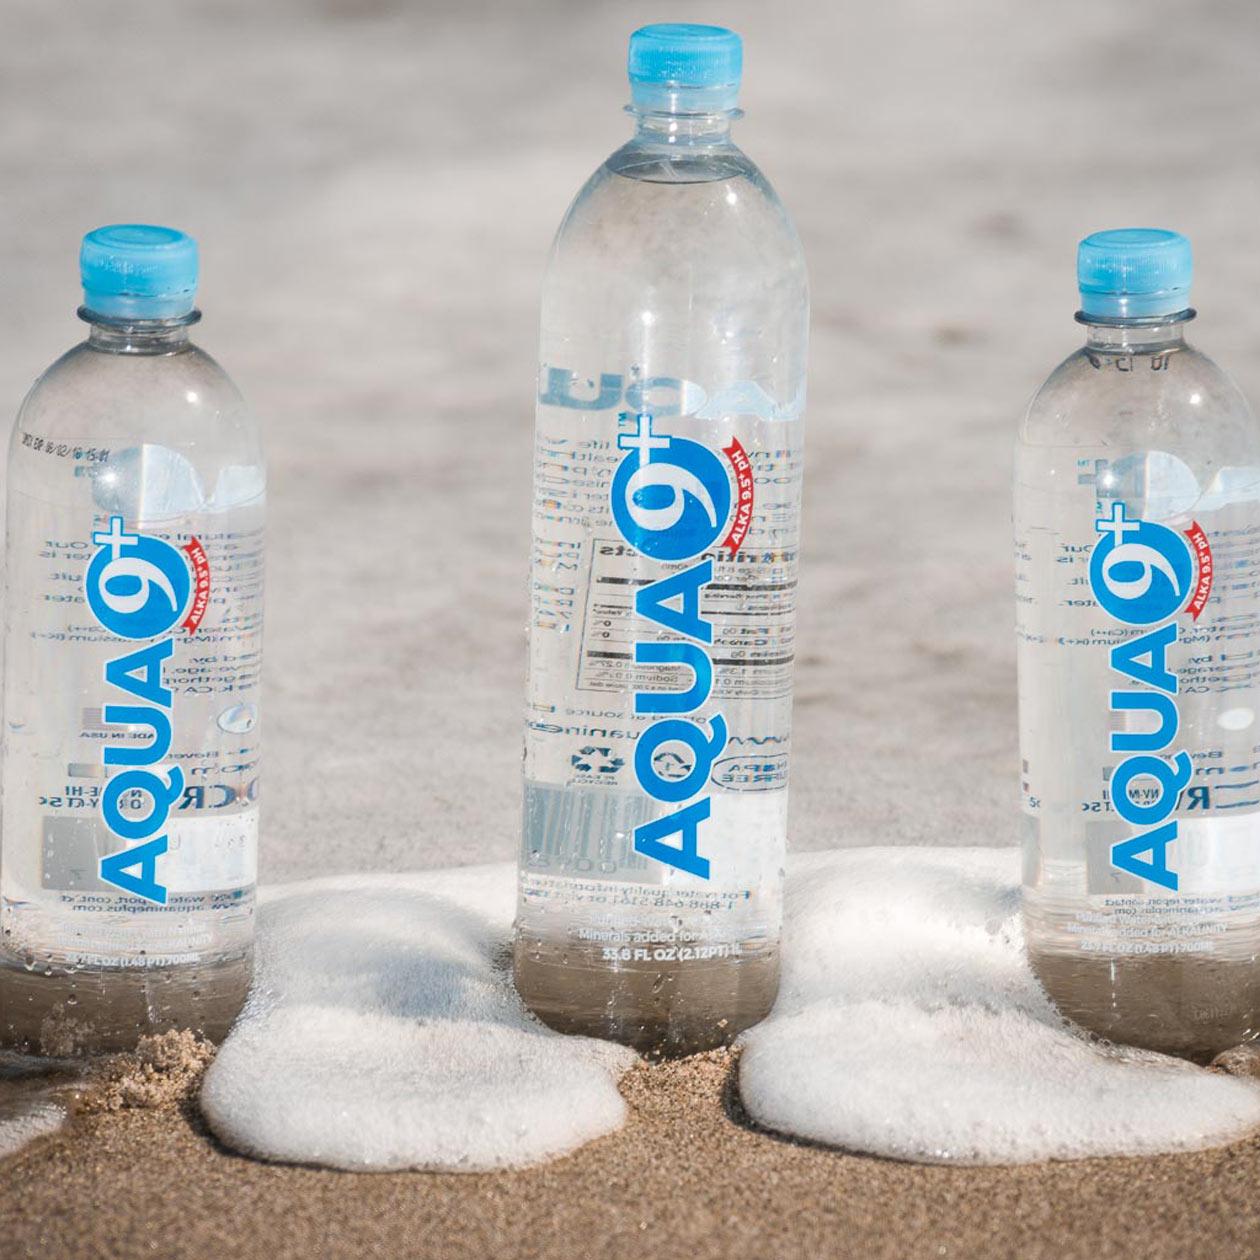 AQUA 9+ Bottles Near Ocean